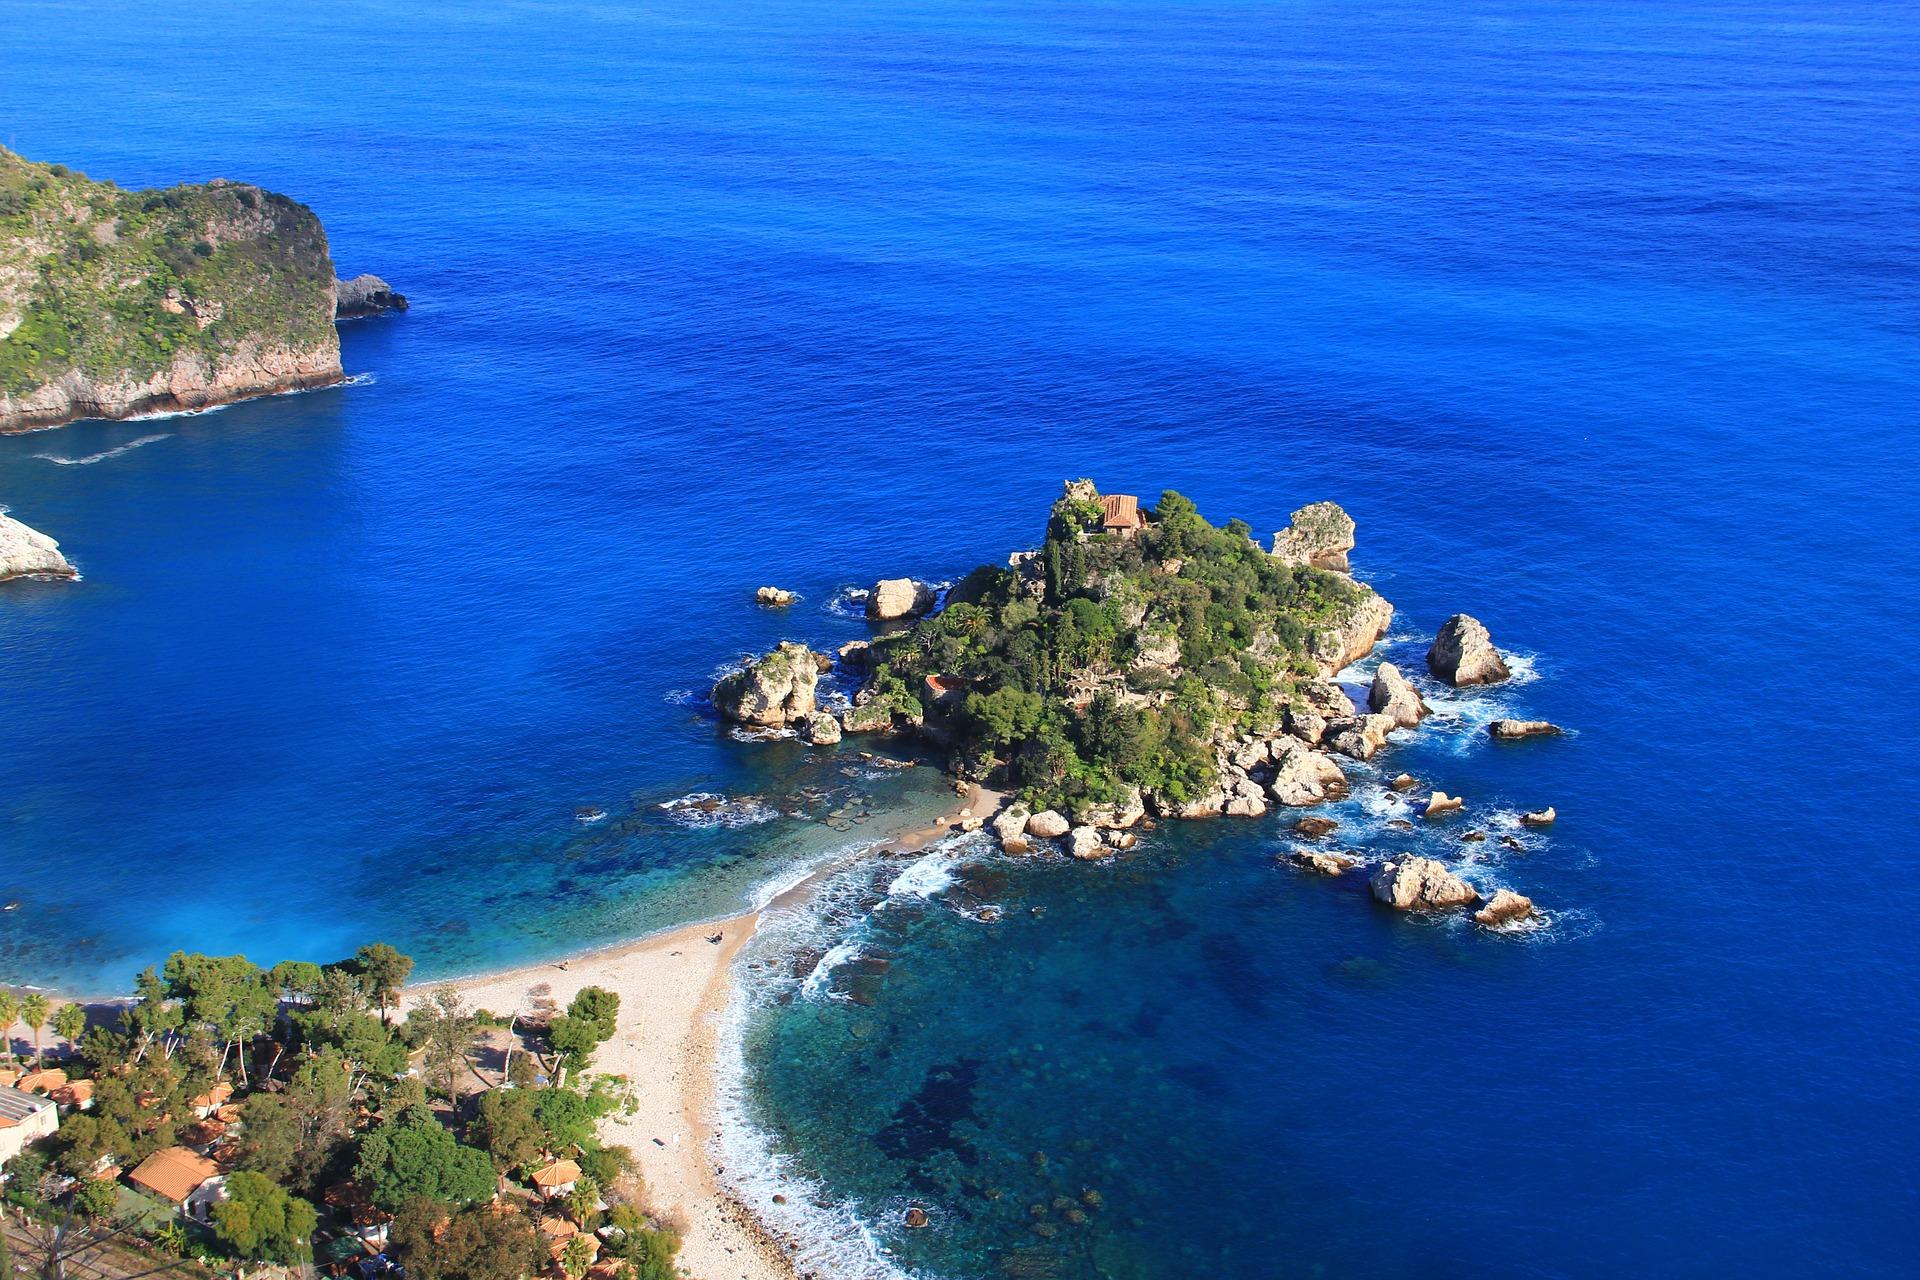 Sizilien Urlaub 2019 ab 177,38€ - finde deinen Deal bei mir